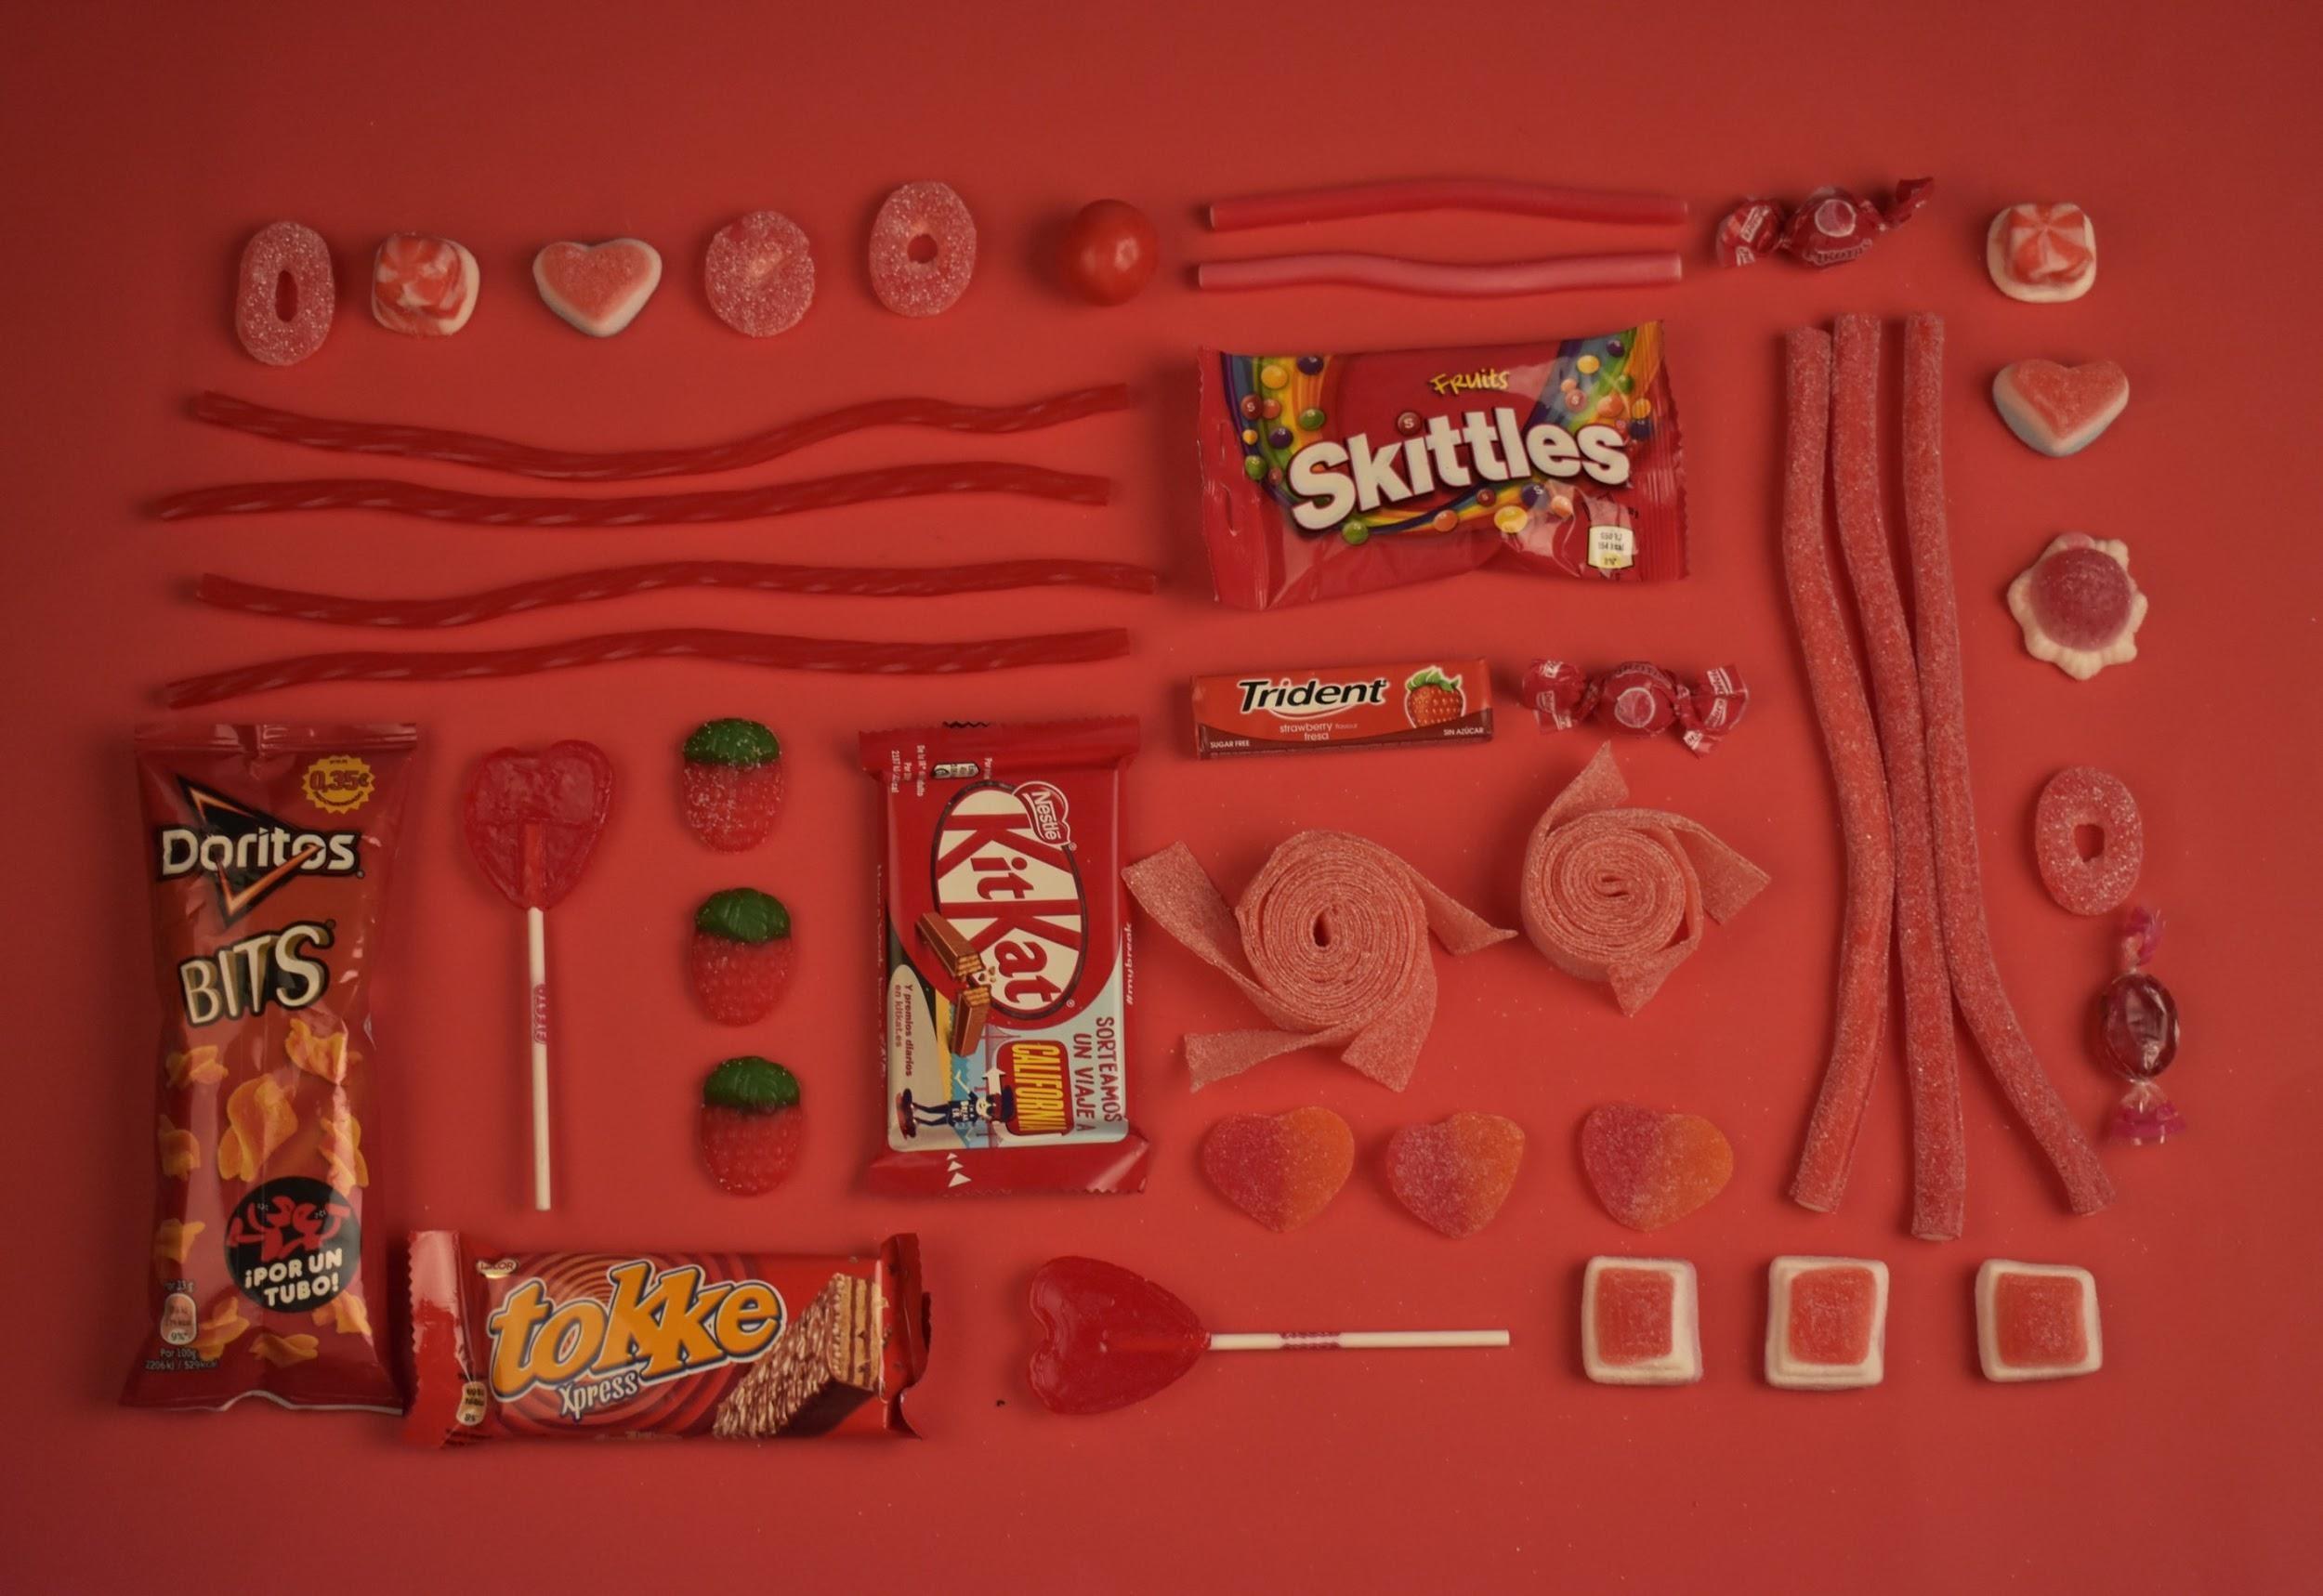 Skittles Chocolate